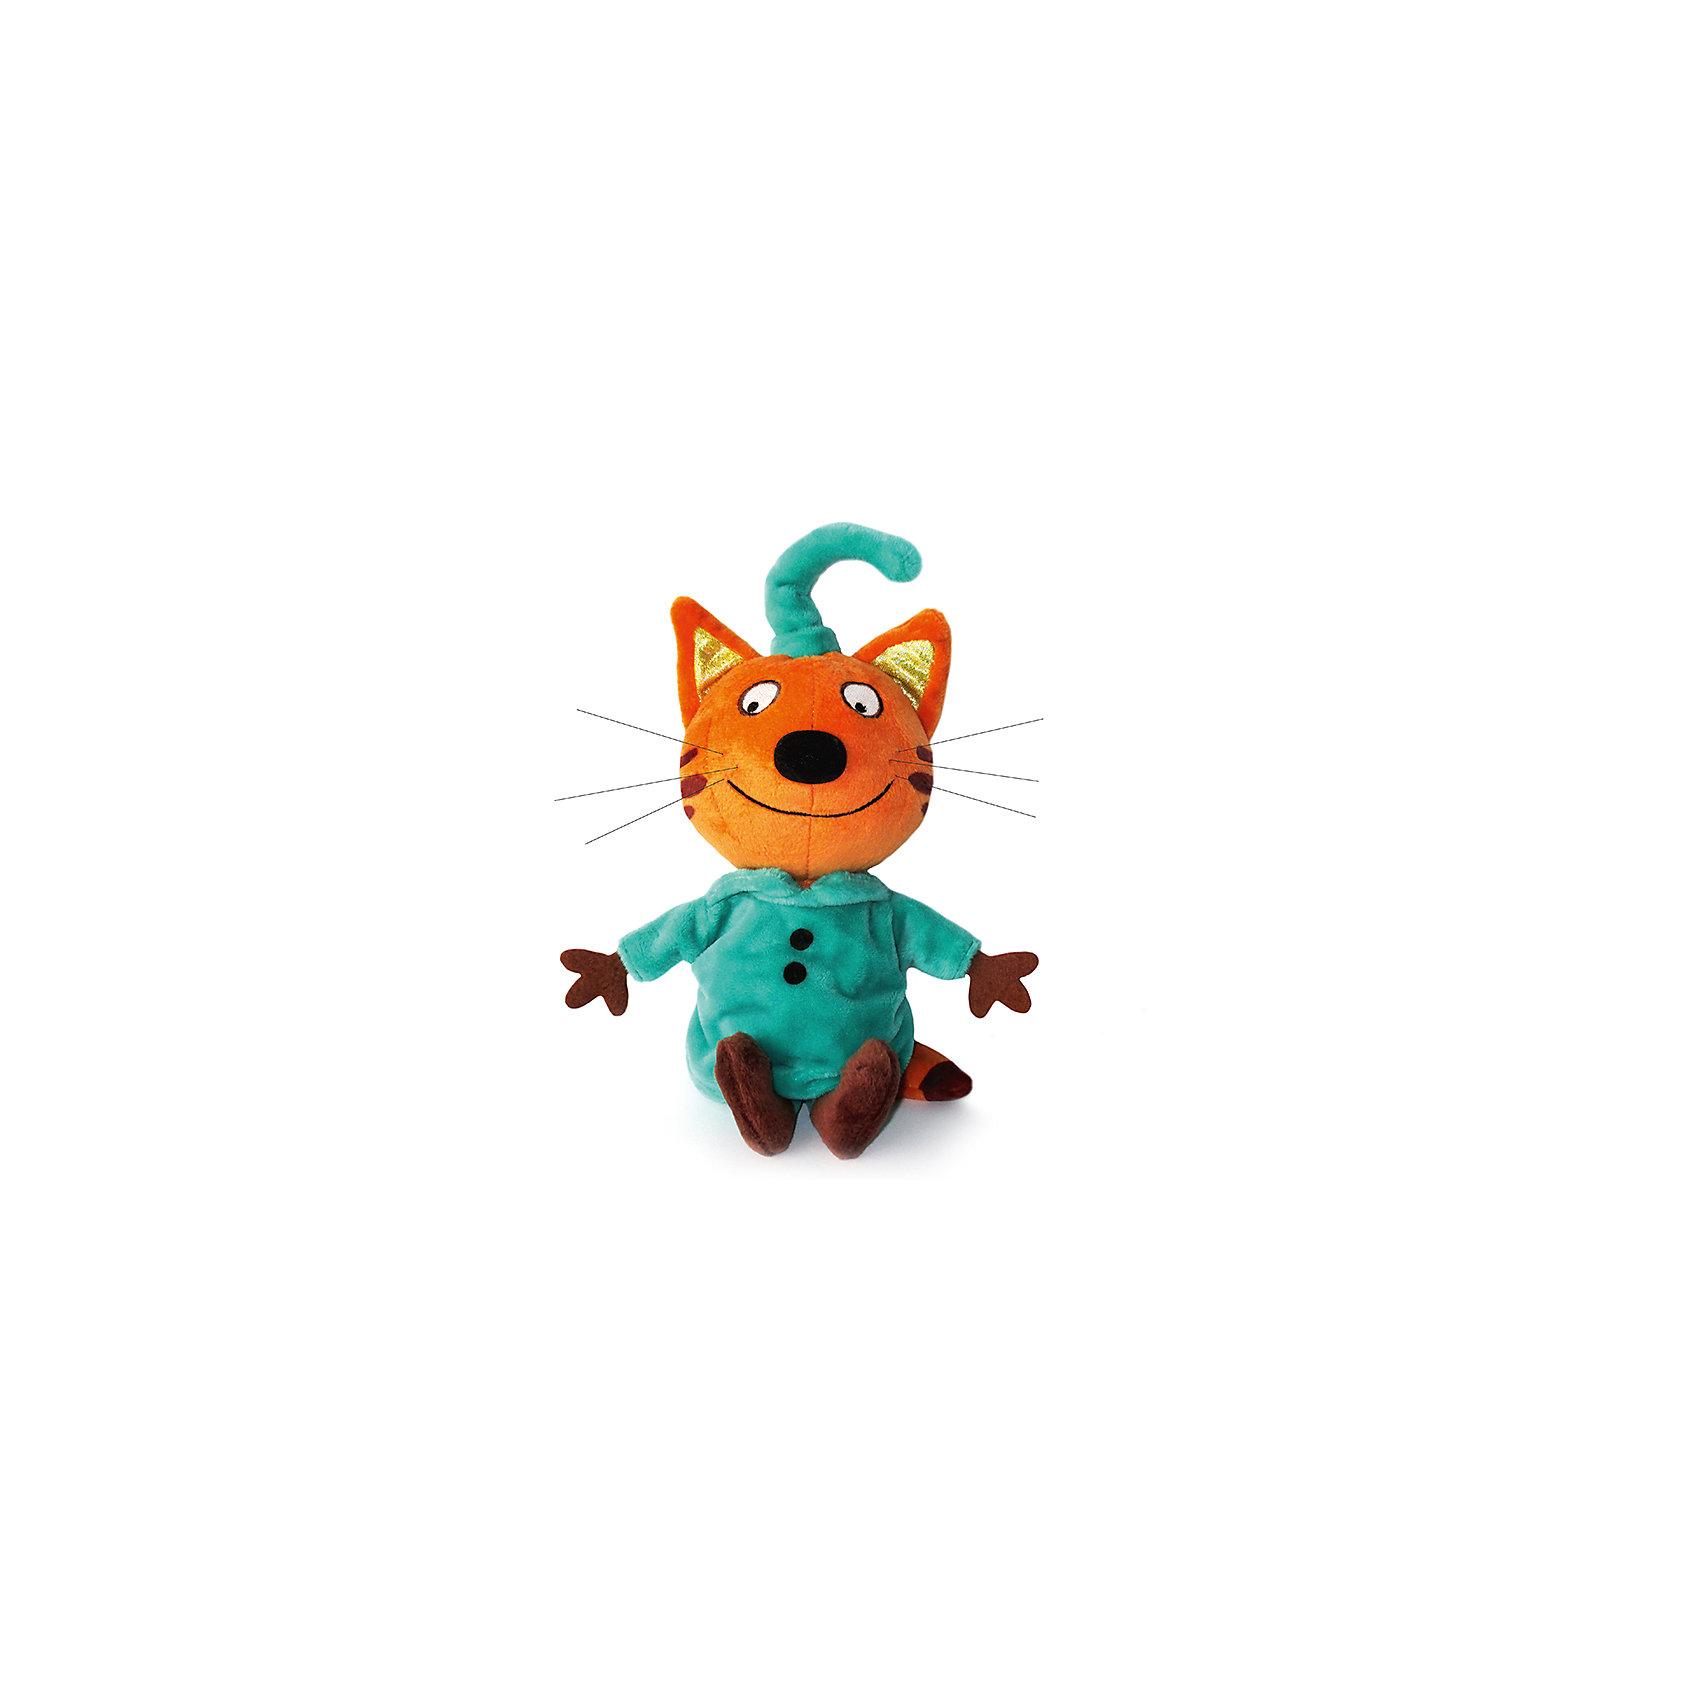 Мягкая игрушка Компот, 3 Кота, Мульти-Пульти, 16 смЛюбимые герои<br>Мягкая игрушка Мульти-пульти Компот из любимого мультфильма 3 кота станет прекрасным подарком для вашего ребёнка. Кот Компот скажет несколько фраз и споет веселую песенку. Он совсем небольшой, поэтому ребёнок сможет брать его на прогулку или в путешествие. Игрушка сделана из безопасного для детей материала.<br><br>Характеристика:<br>-Размер: 16 см<br>-Вес: 90 г<br>-Материал: текстиль,пластмасса<br>-Возраст: от 3 до 7 лет<br>-Марка: Мульти-пульти<br><br>Мягкая игрушка Компот, 3 Кота, Мульти-Пульти, 16 см вы можете приобрести в нашем интернет-магазине.<br><br>Ширина мм: 80<br>Глубина мм: 280<br>Высота мм: 200<br>Вес г: 90<br>Возраст от месяцев: 36<br>Возраст до месяцев: 2147483647<br>Пол: Унисекс<br>Возраст: Детский<br>SKU: 5002199